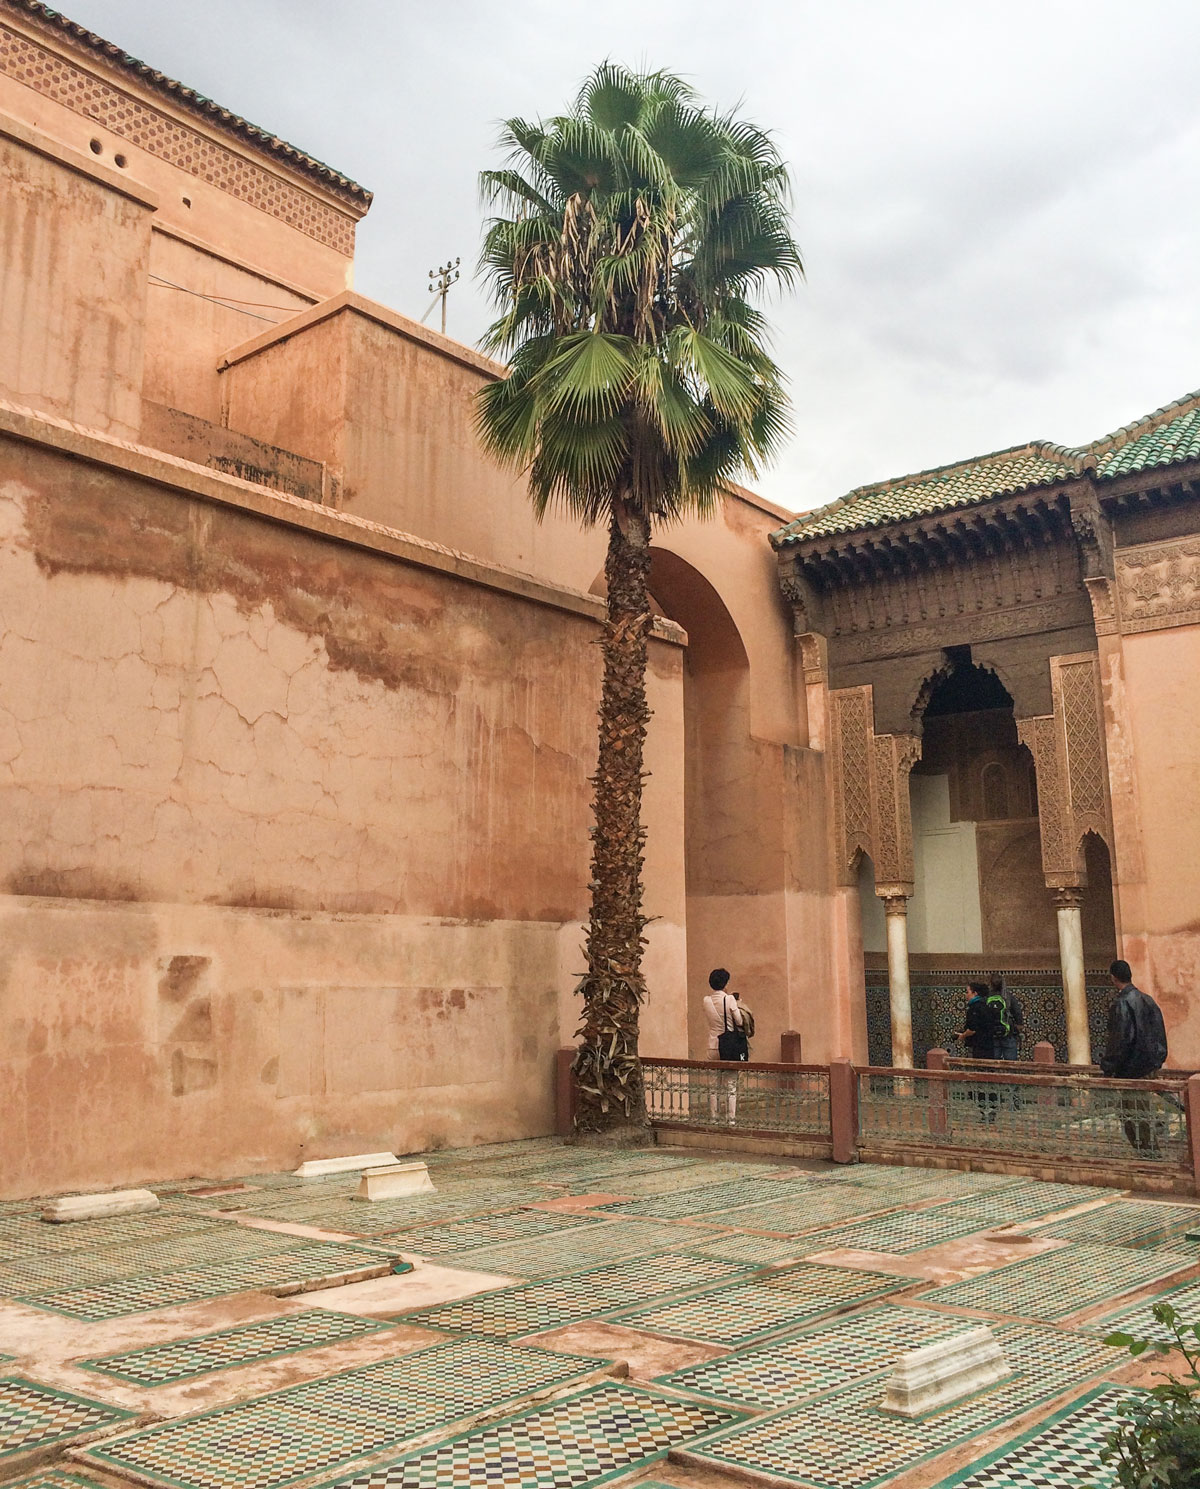 Marrakesch Sehenswürdikgeiten Saadier Gräber Marrakesch